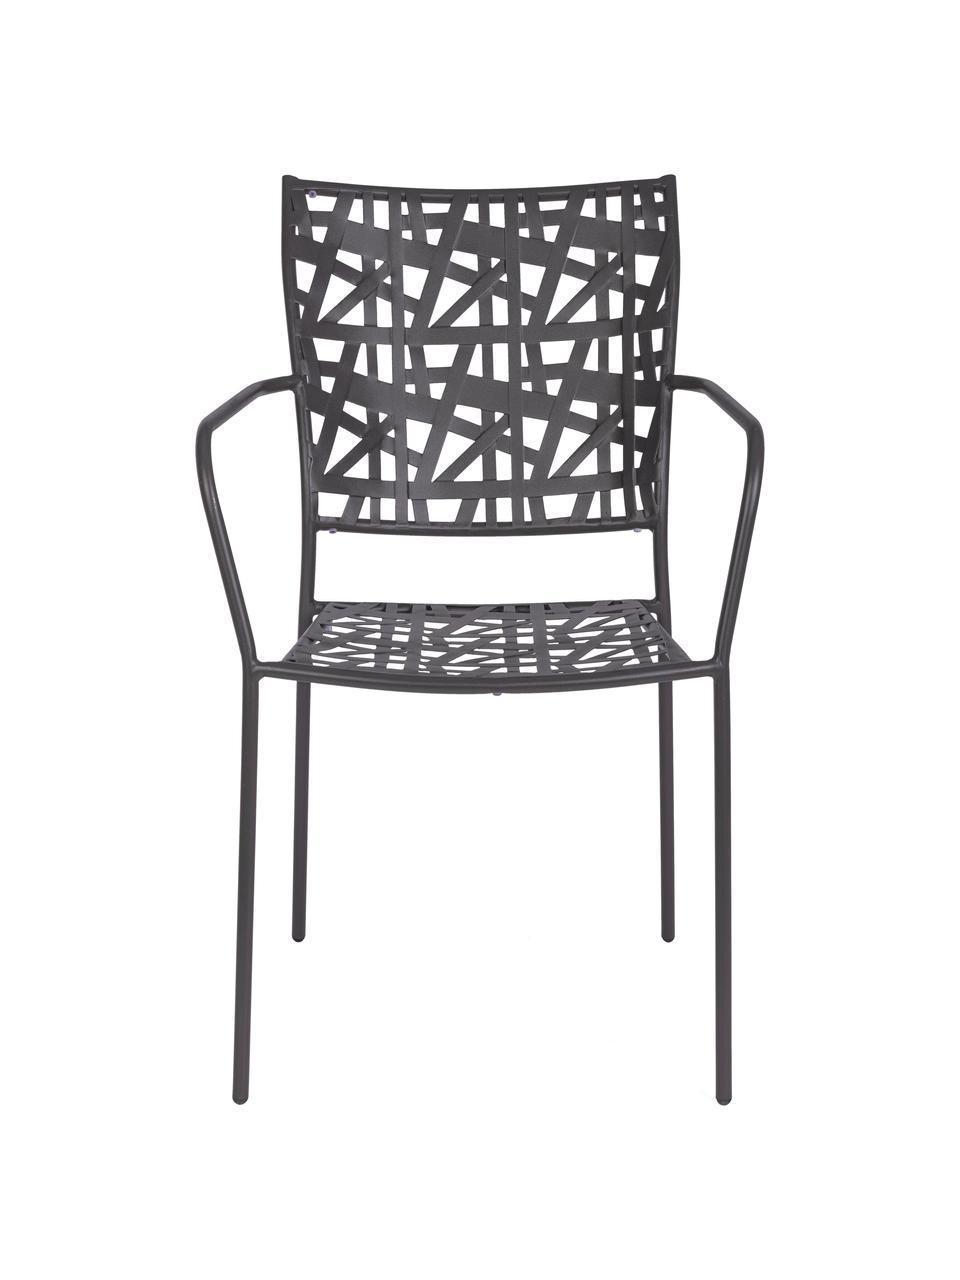 Krzesło ogrodowe z metalu Kelsie, Metal malowany proszkowo, Szary, S 55 x G 54 cm